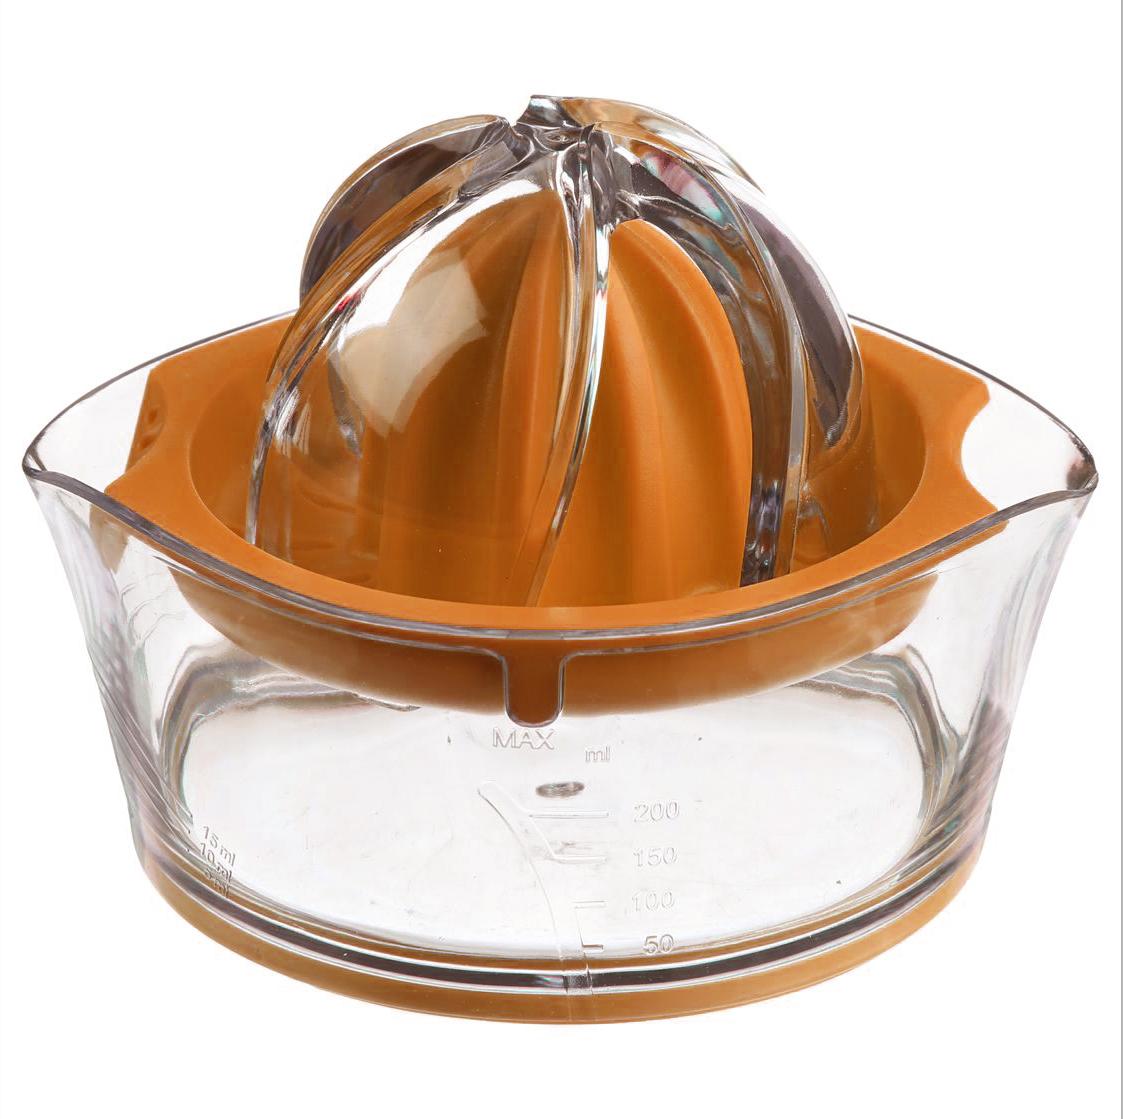 Соковыжималка для цитрусовых JJA, цвет: оранжевый, 14 х 12 х 9 см128657CКлассическая соковыжималка для цитрусовых, имеет яркий, изысканный дизайн. Шкала, нанесённая на прозрачный контейнер, поможет точно определить объём выжатого сока, а если Вы предпочитаете этот напиток без мякоти, то специальная решеточка не позволит ей попасть в Ваш стакан.